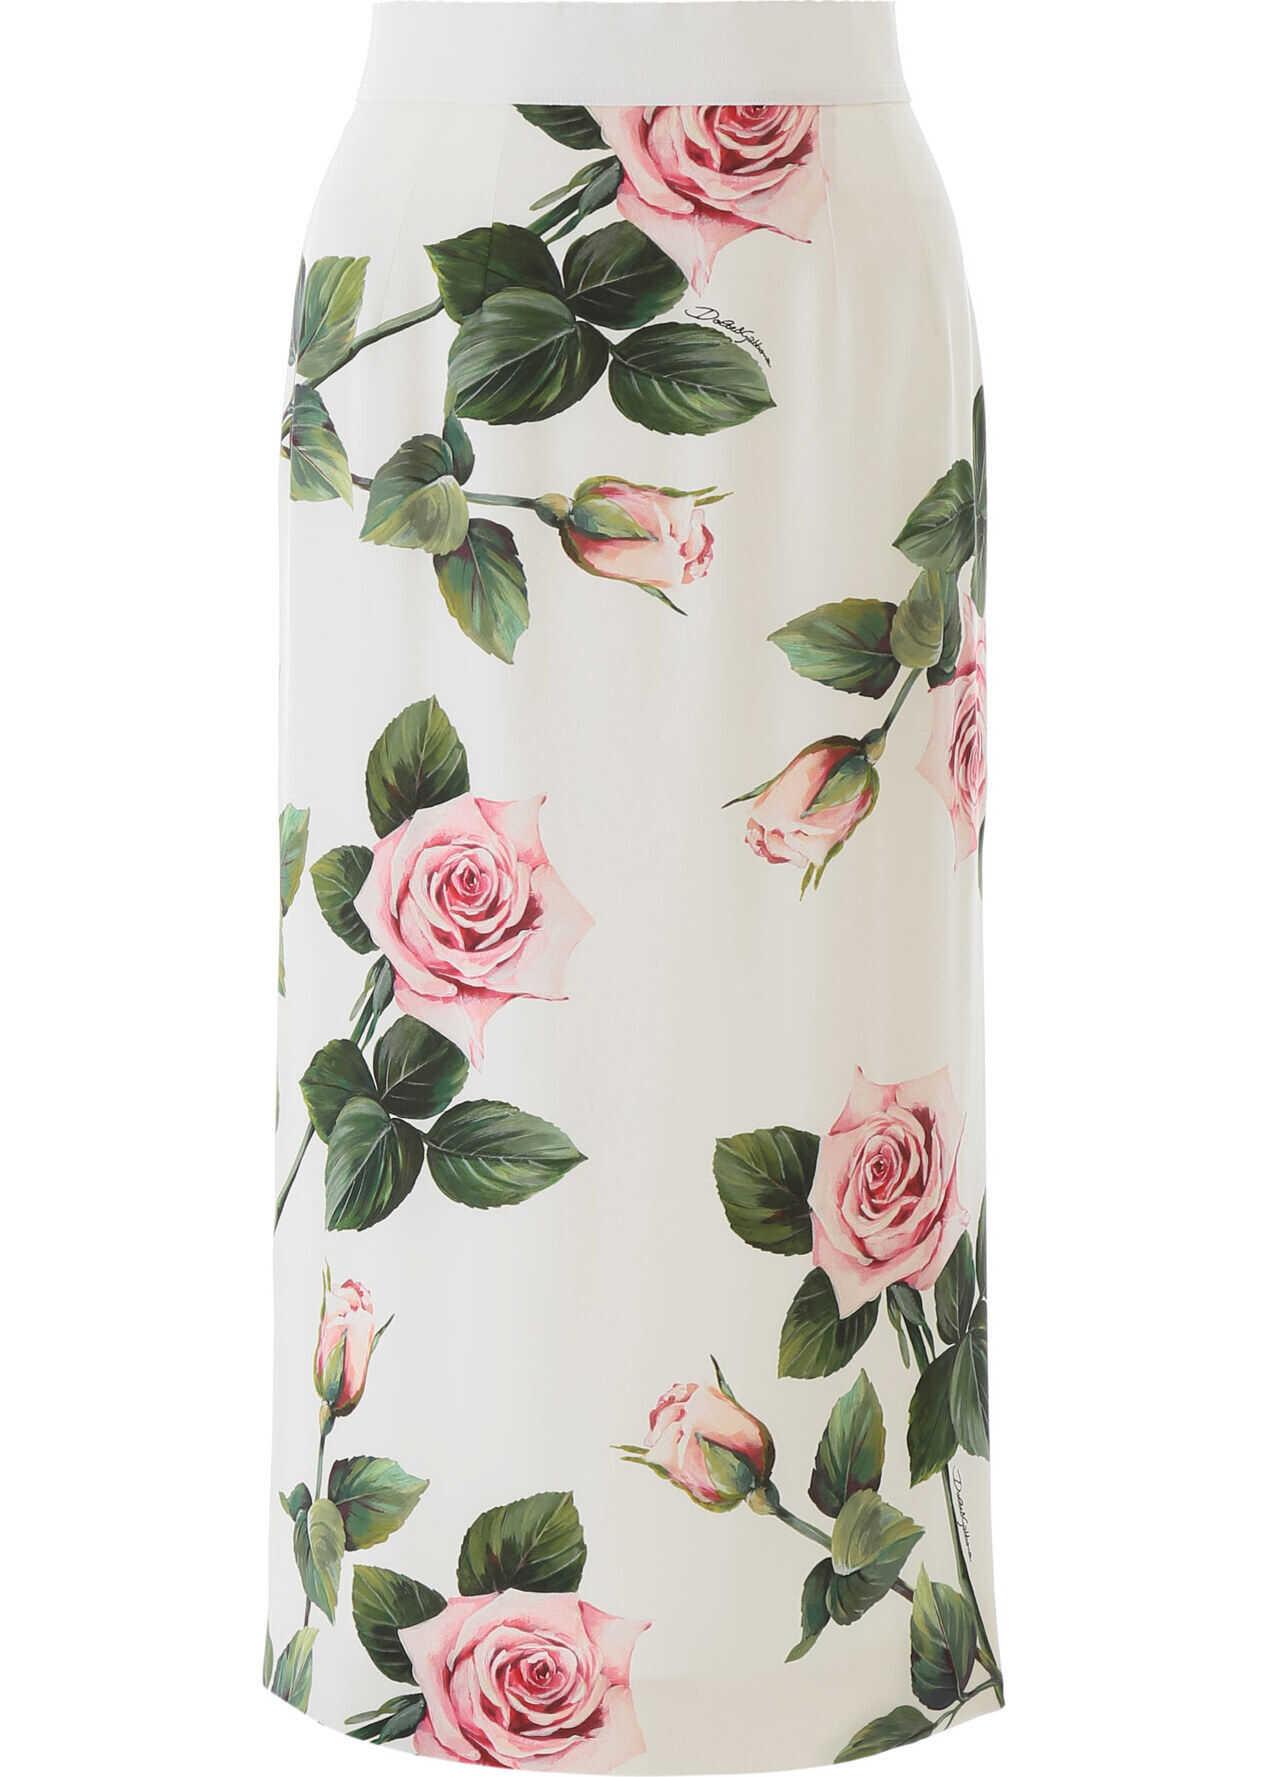 Dolce & Gabbana F4BTFT FSAZD ROSE ROSA FDO PANNA